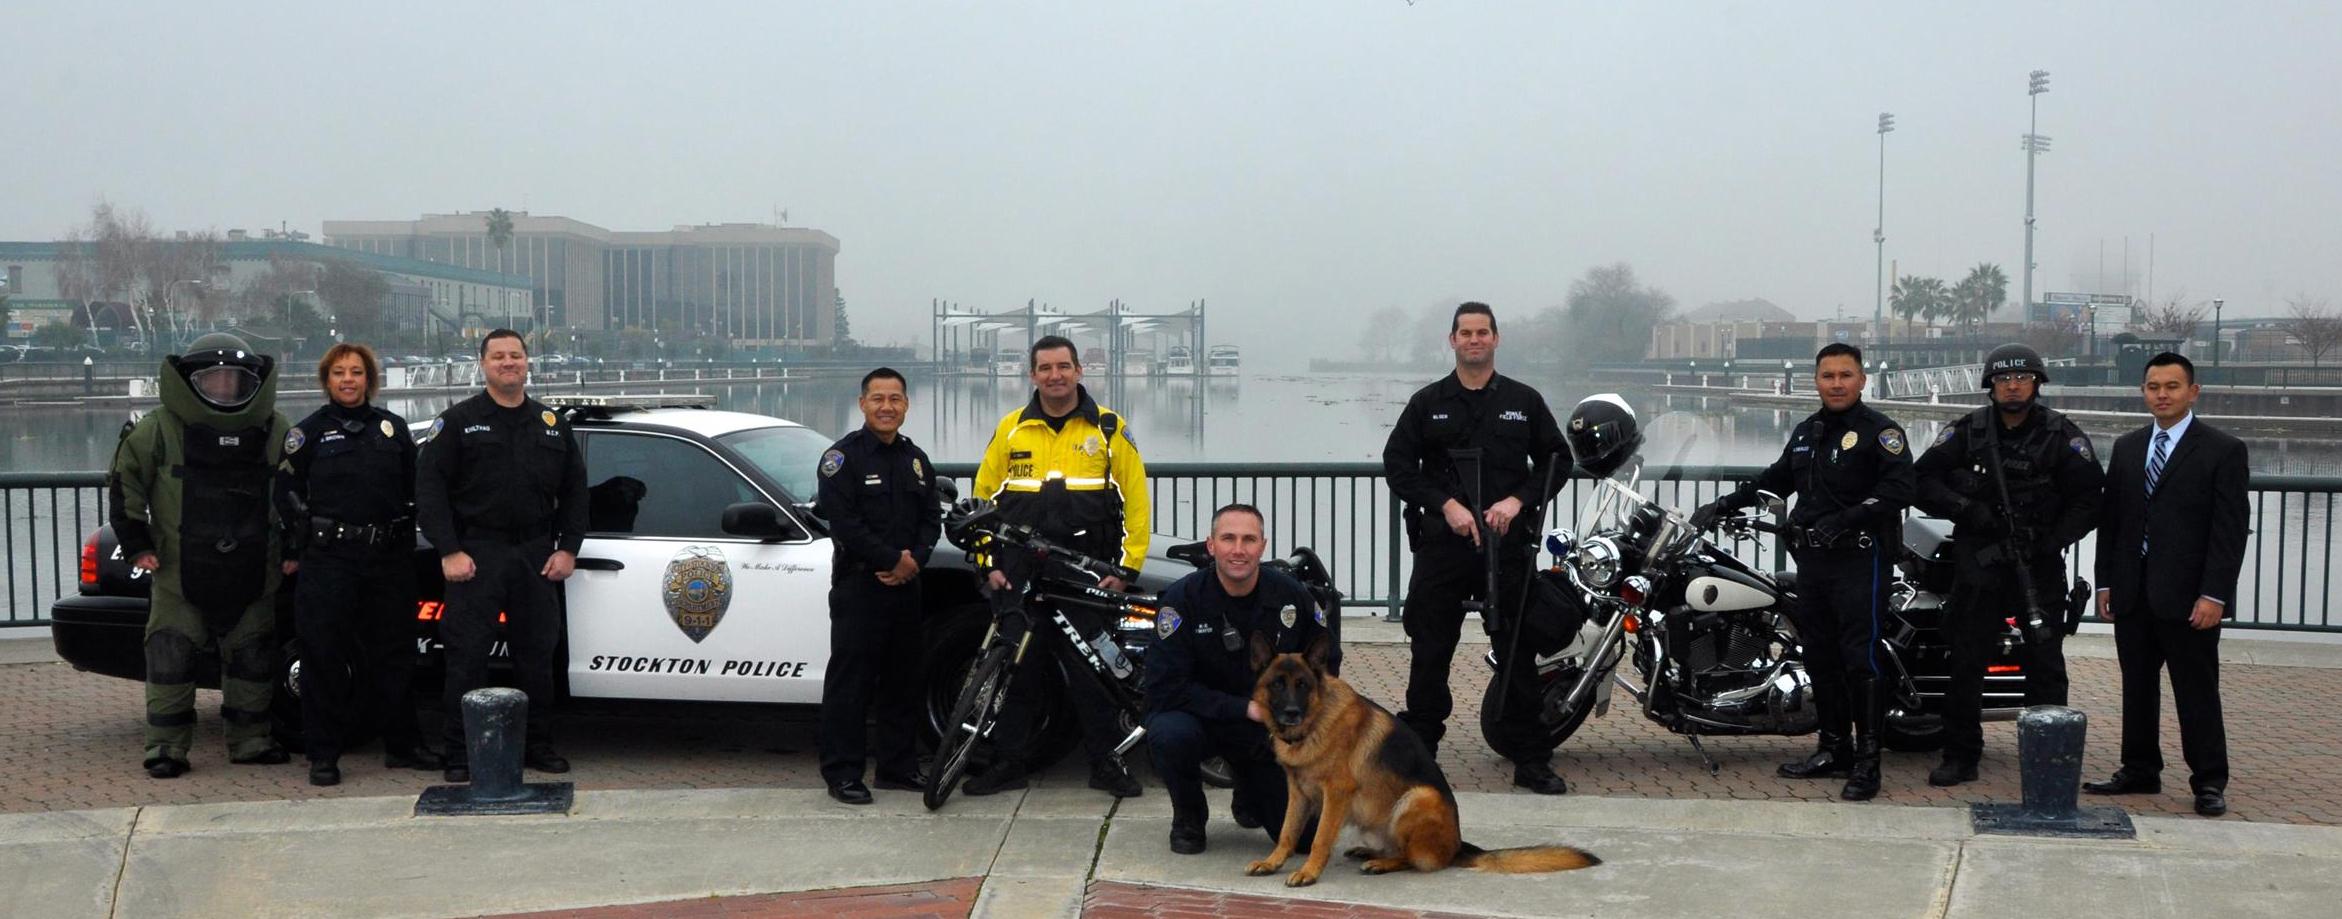 http://www.cops.com/wp-content/uploads/2013/05/SPD-Poster.jpg